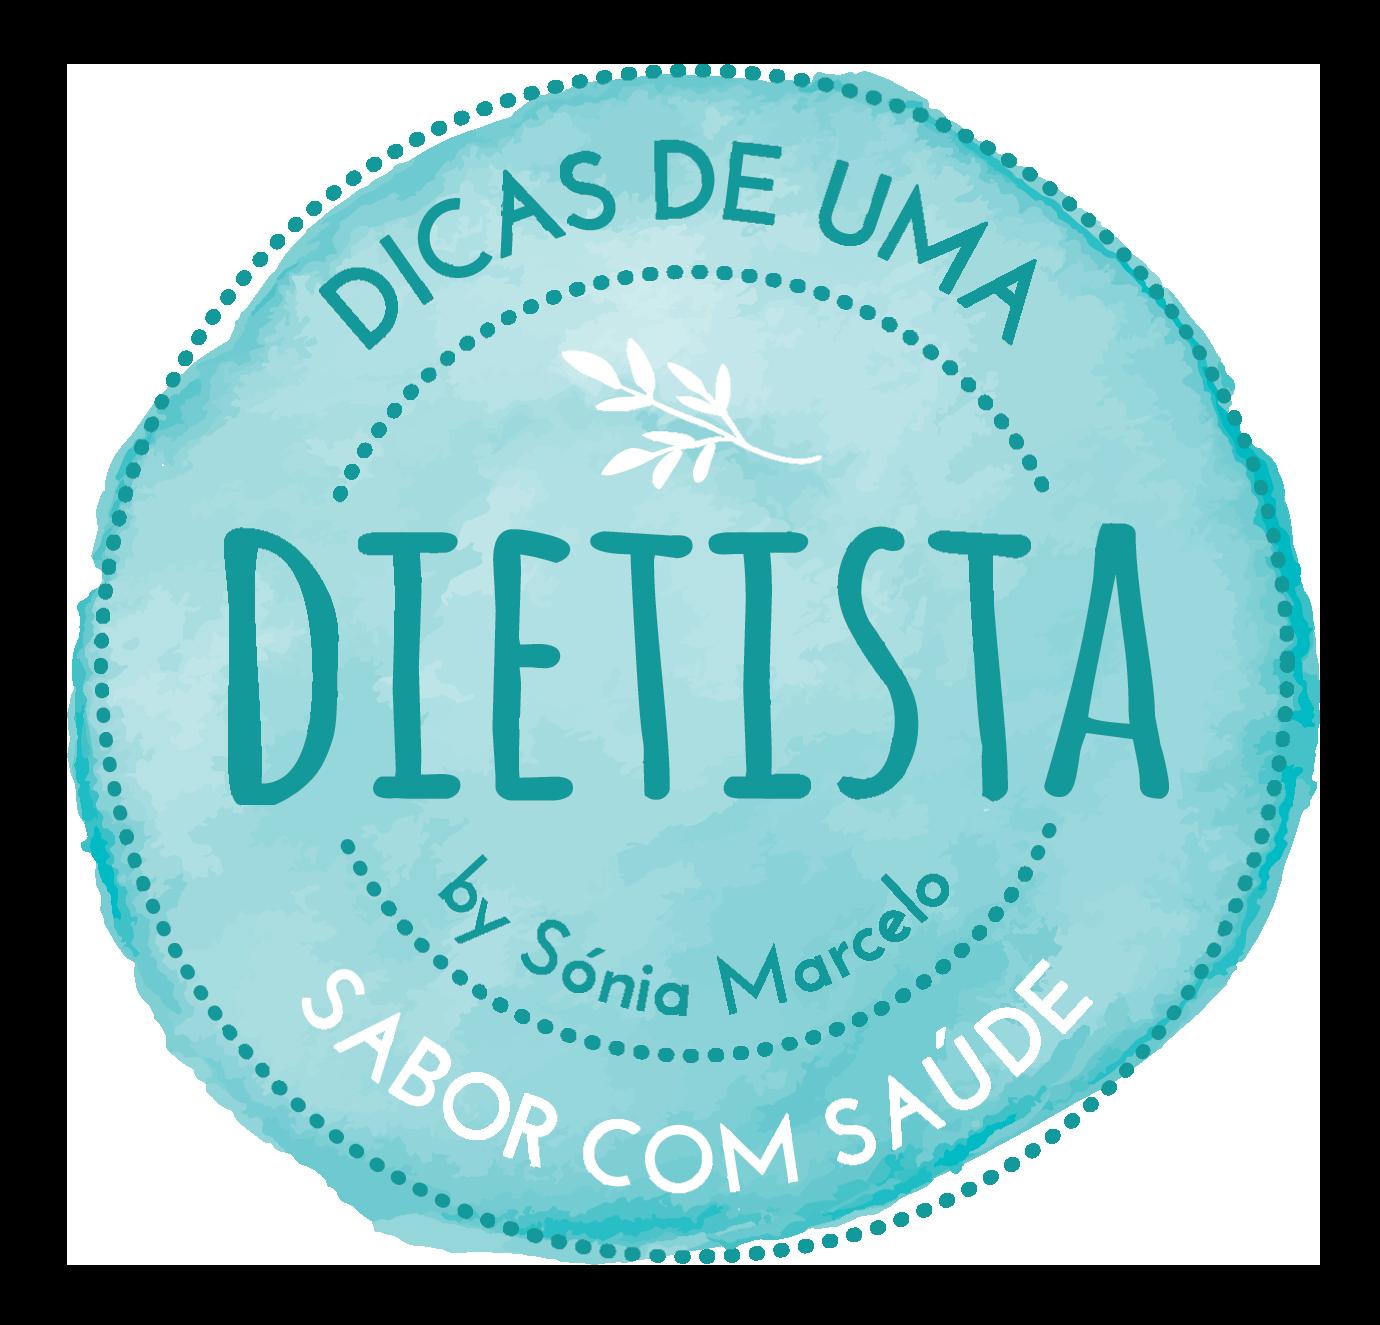 Dicas de uma dietista